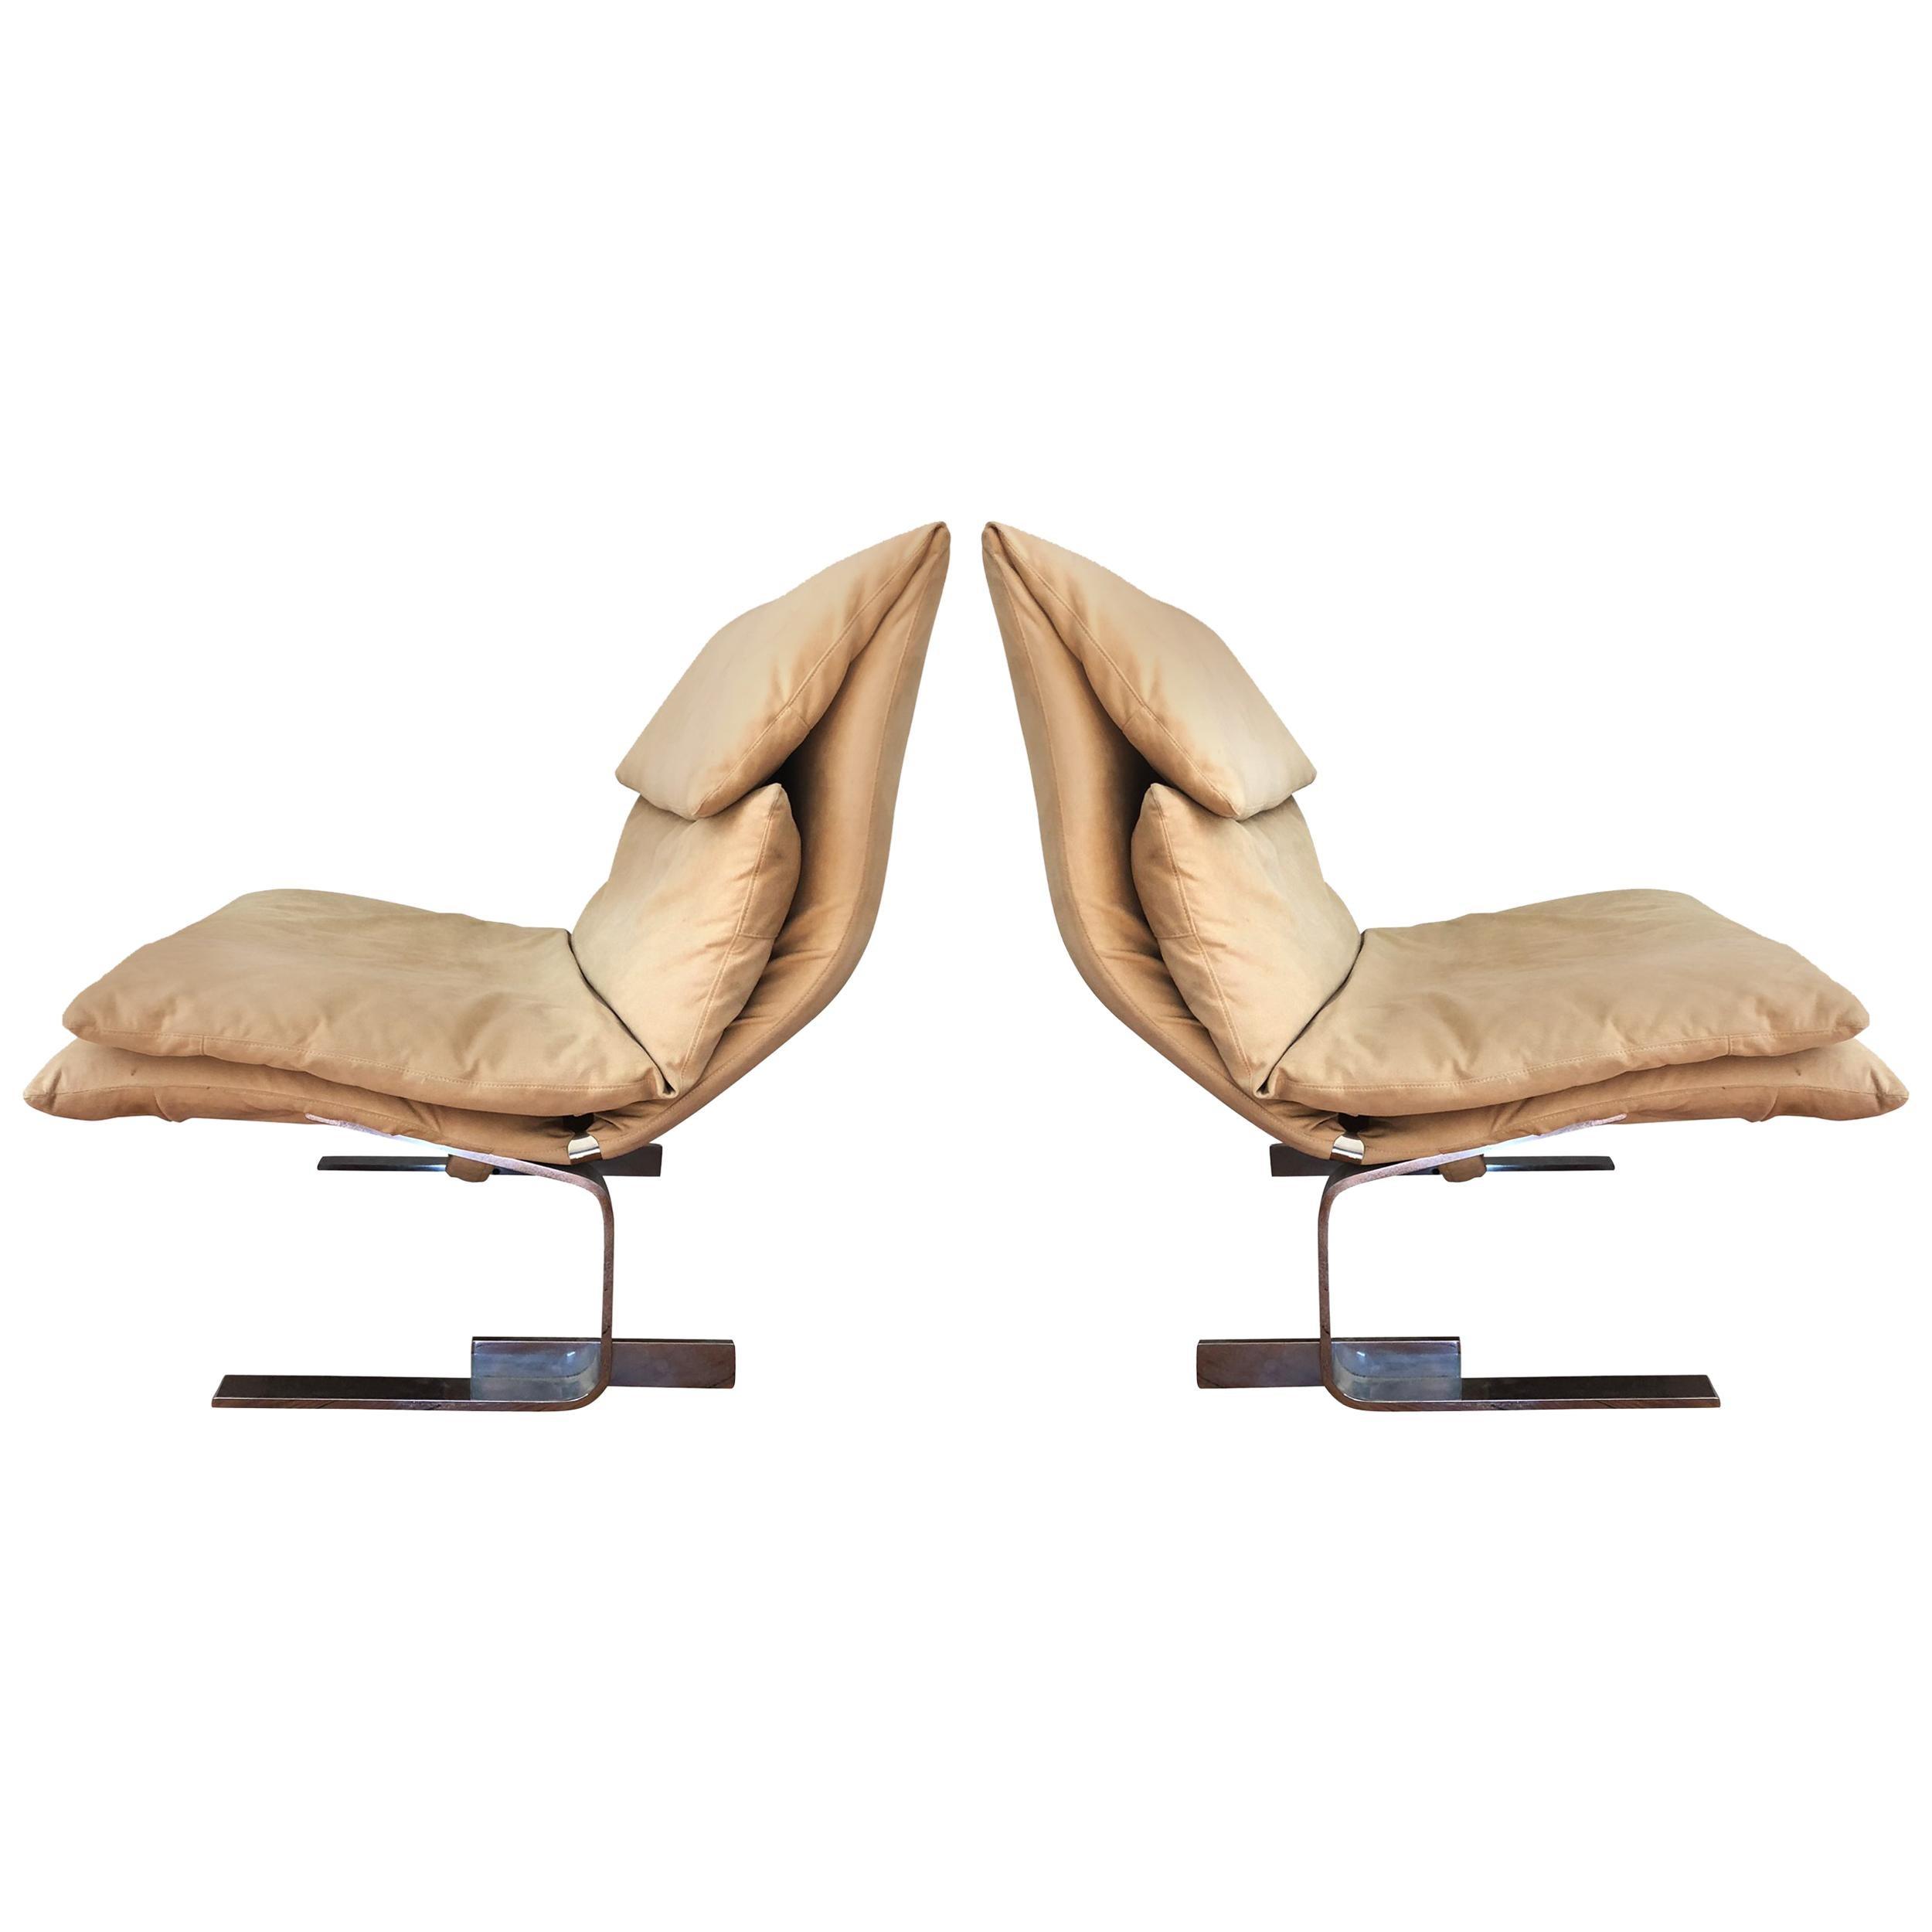 Pair of Midcentury Italian Modern Onda Slipper Lounge Chairs by Saporiti